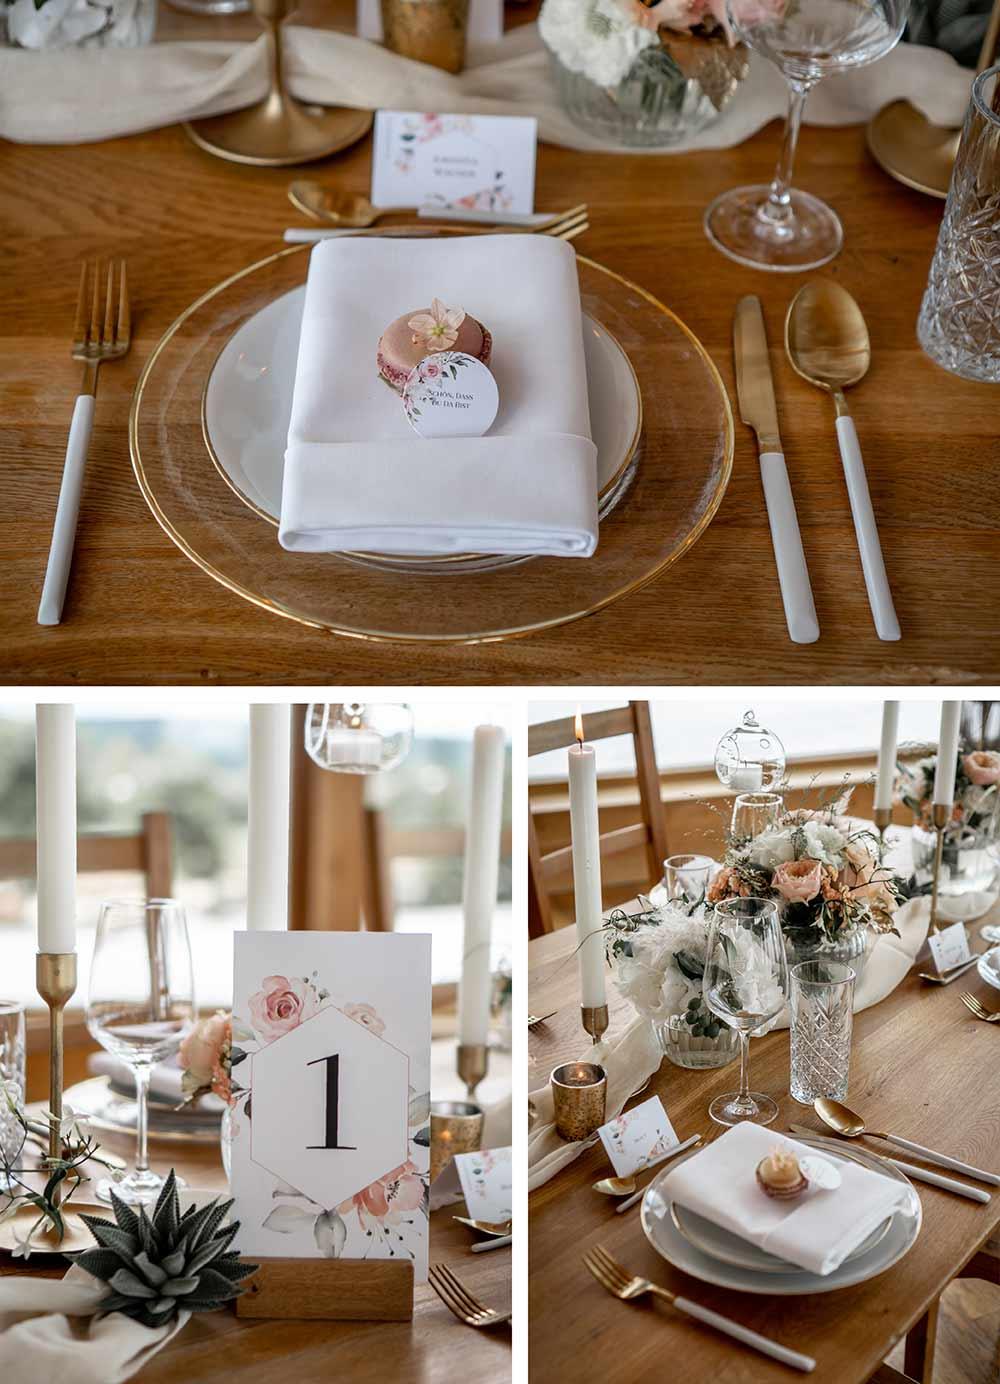 Tischnummer, Namenskarte und Gastgeschenk zeigen jedem Gast stilvoll seinen Sitzplatz.